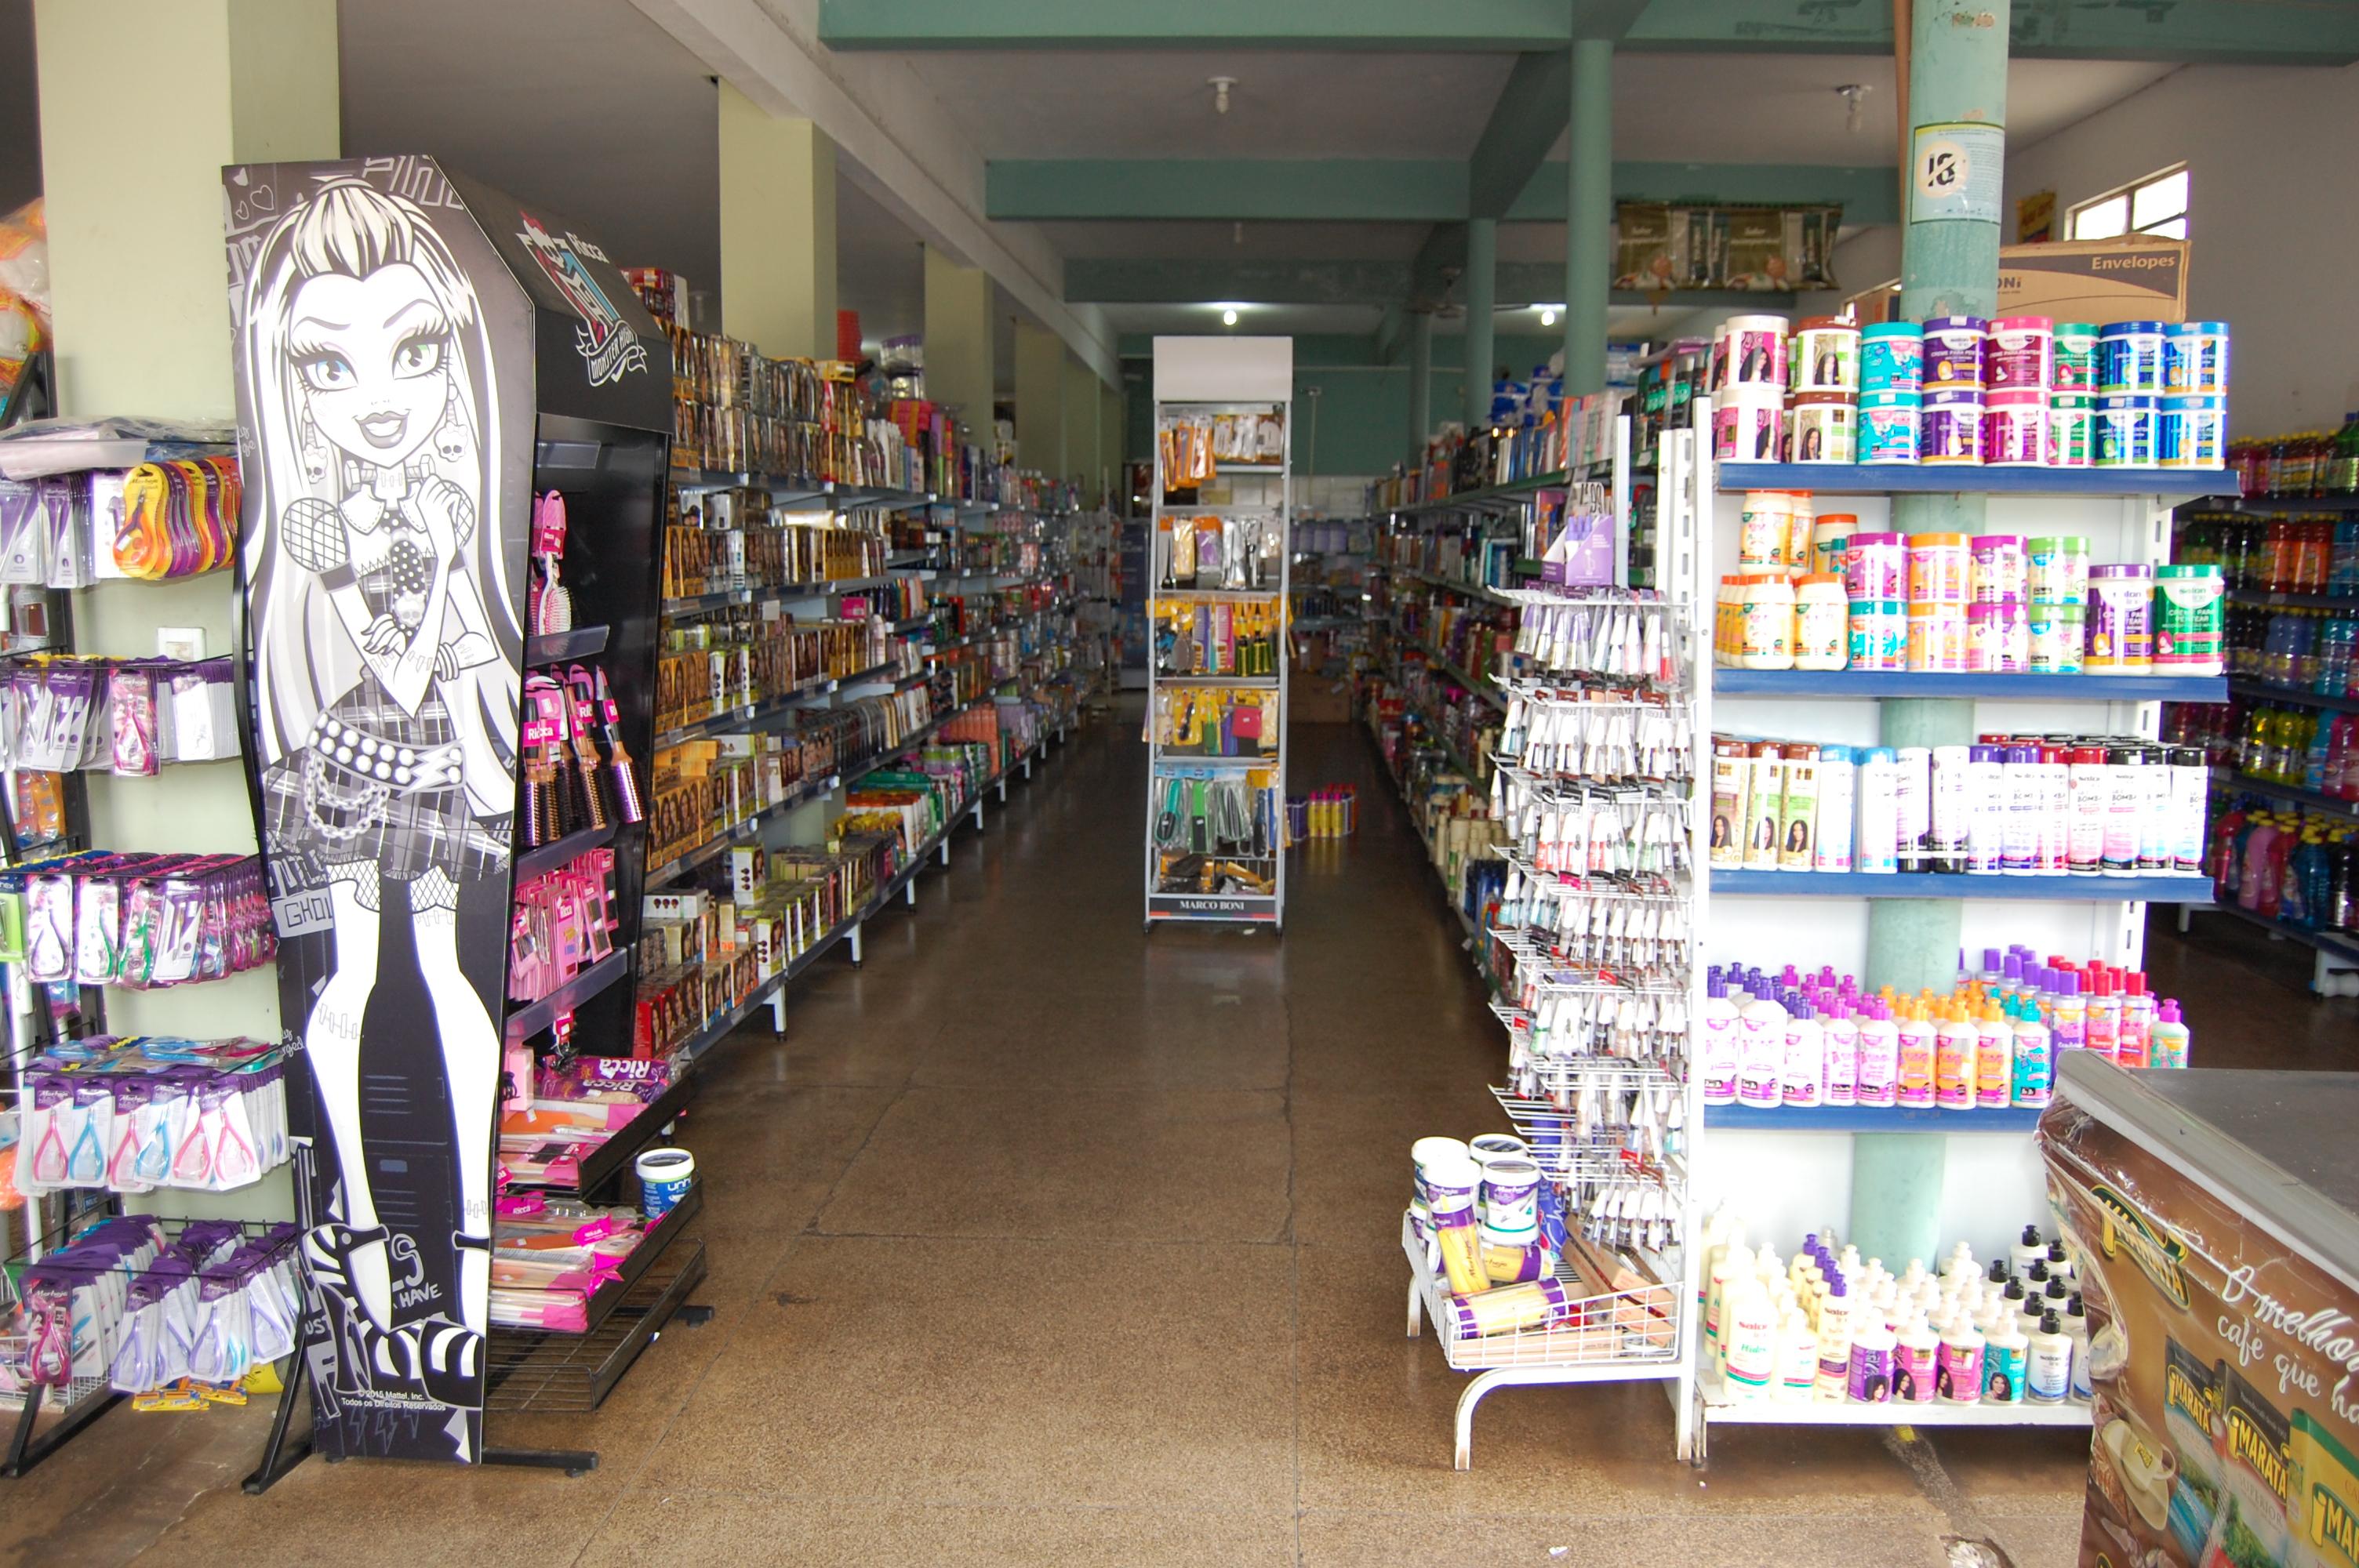 Supermercado Martins (5)